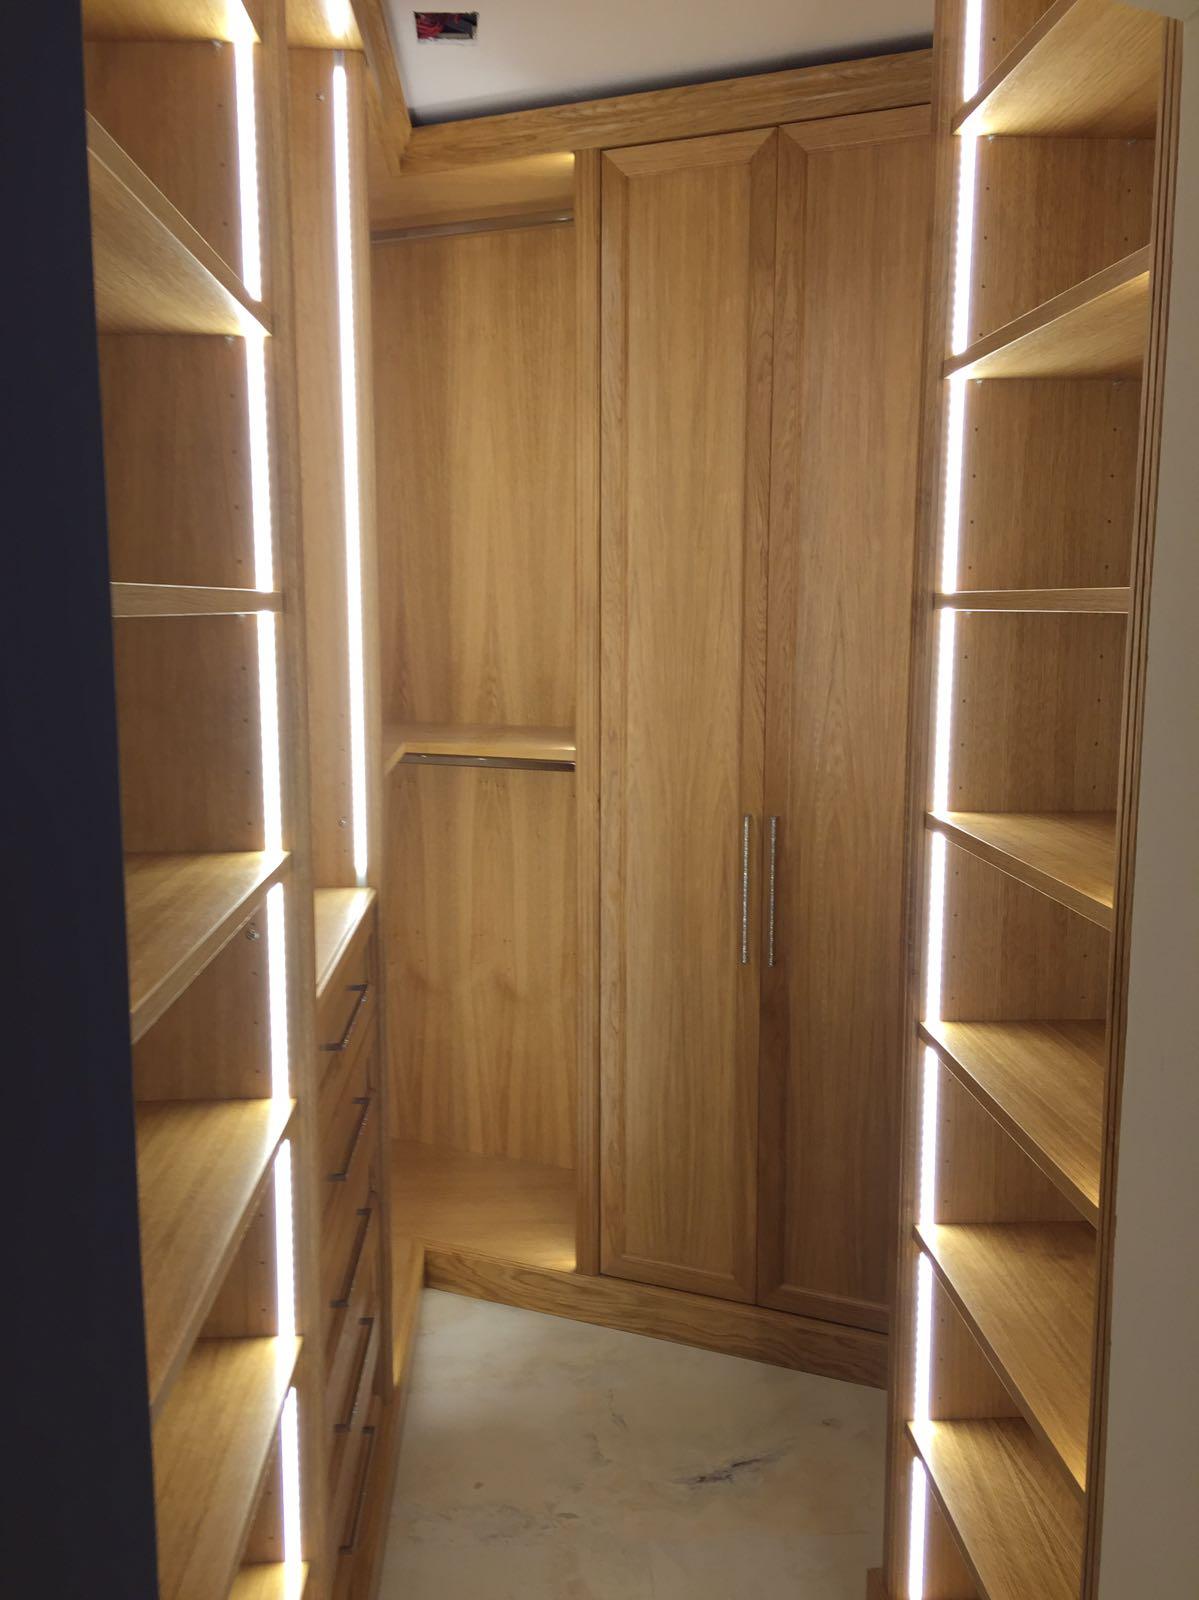 cabine armadio in legno su misura ESCAPE='HTML'